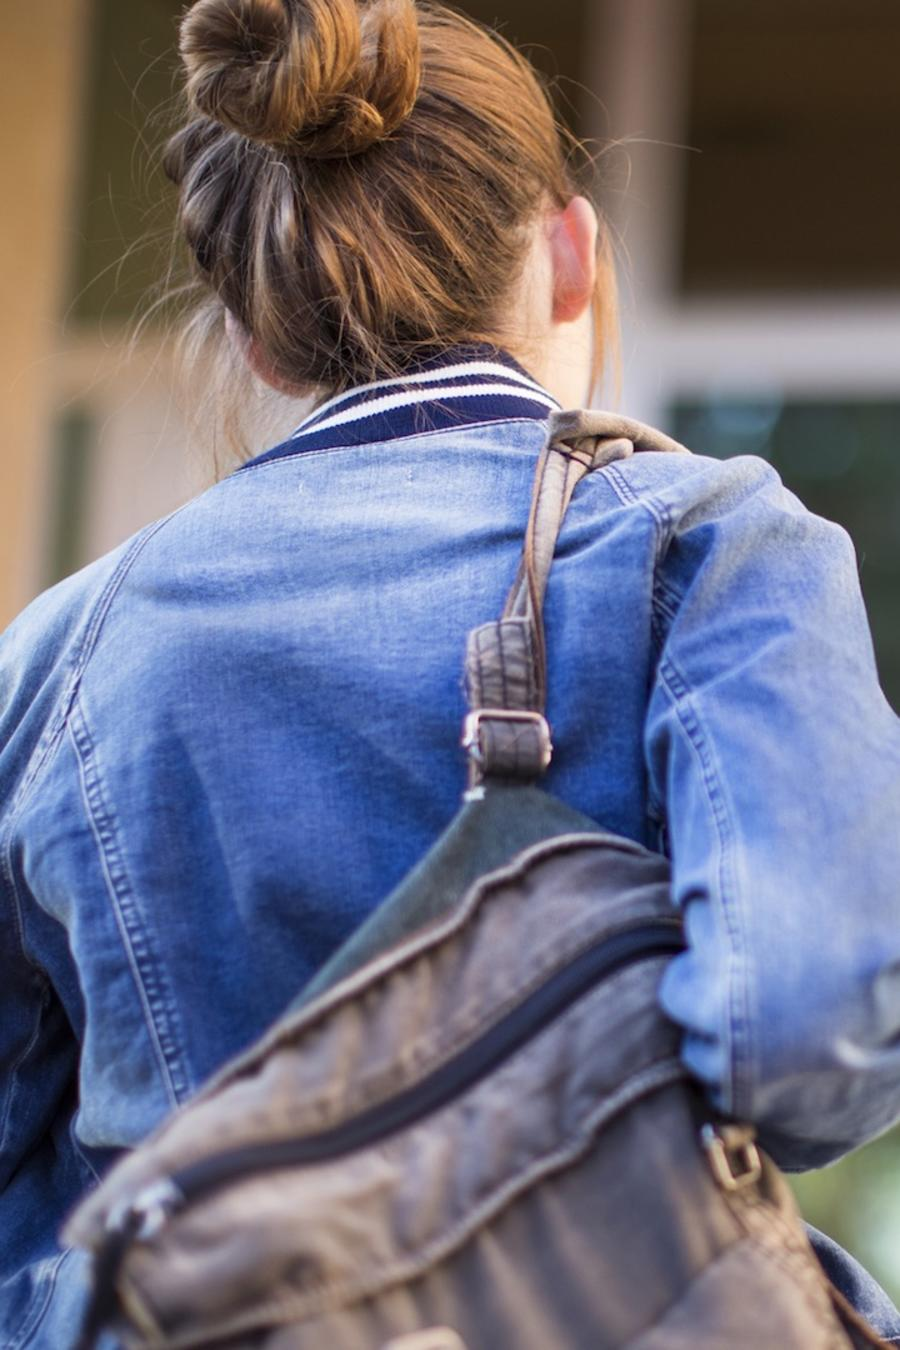 Chica con mochila subiendo escaleras